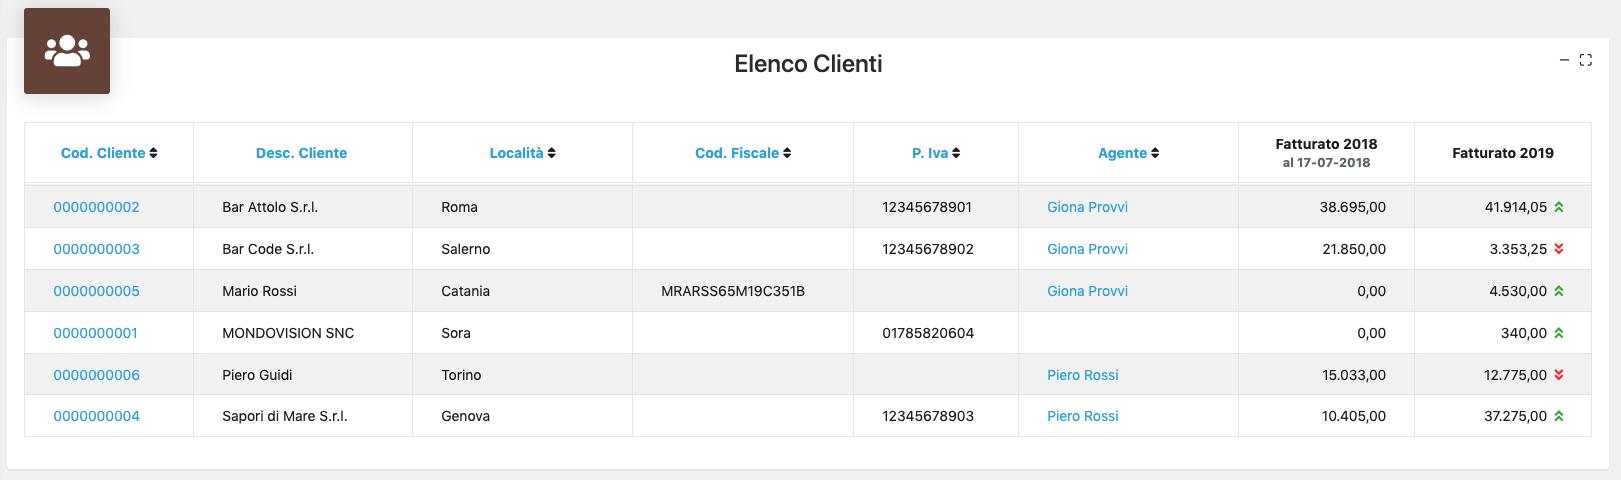 elenco_clienti_web_report